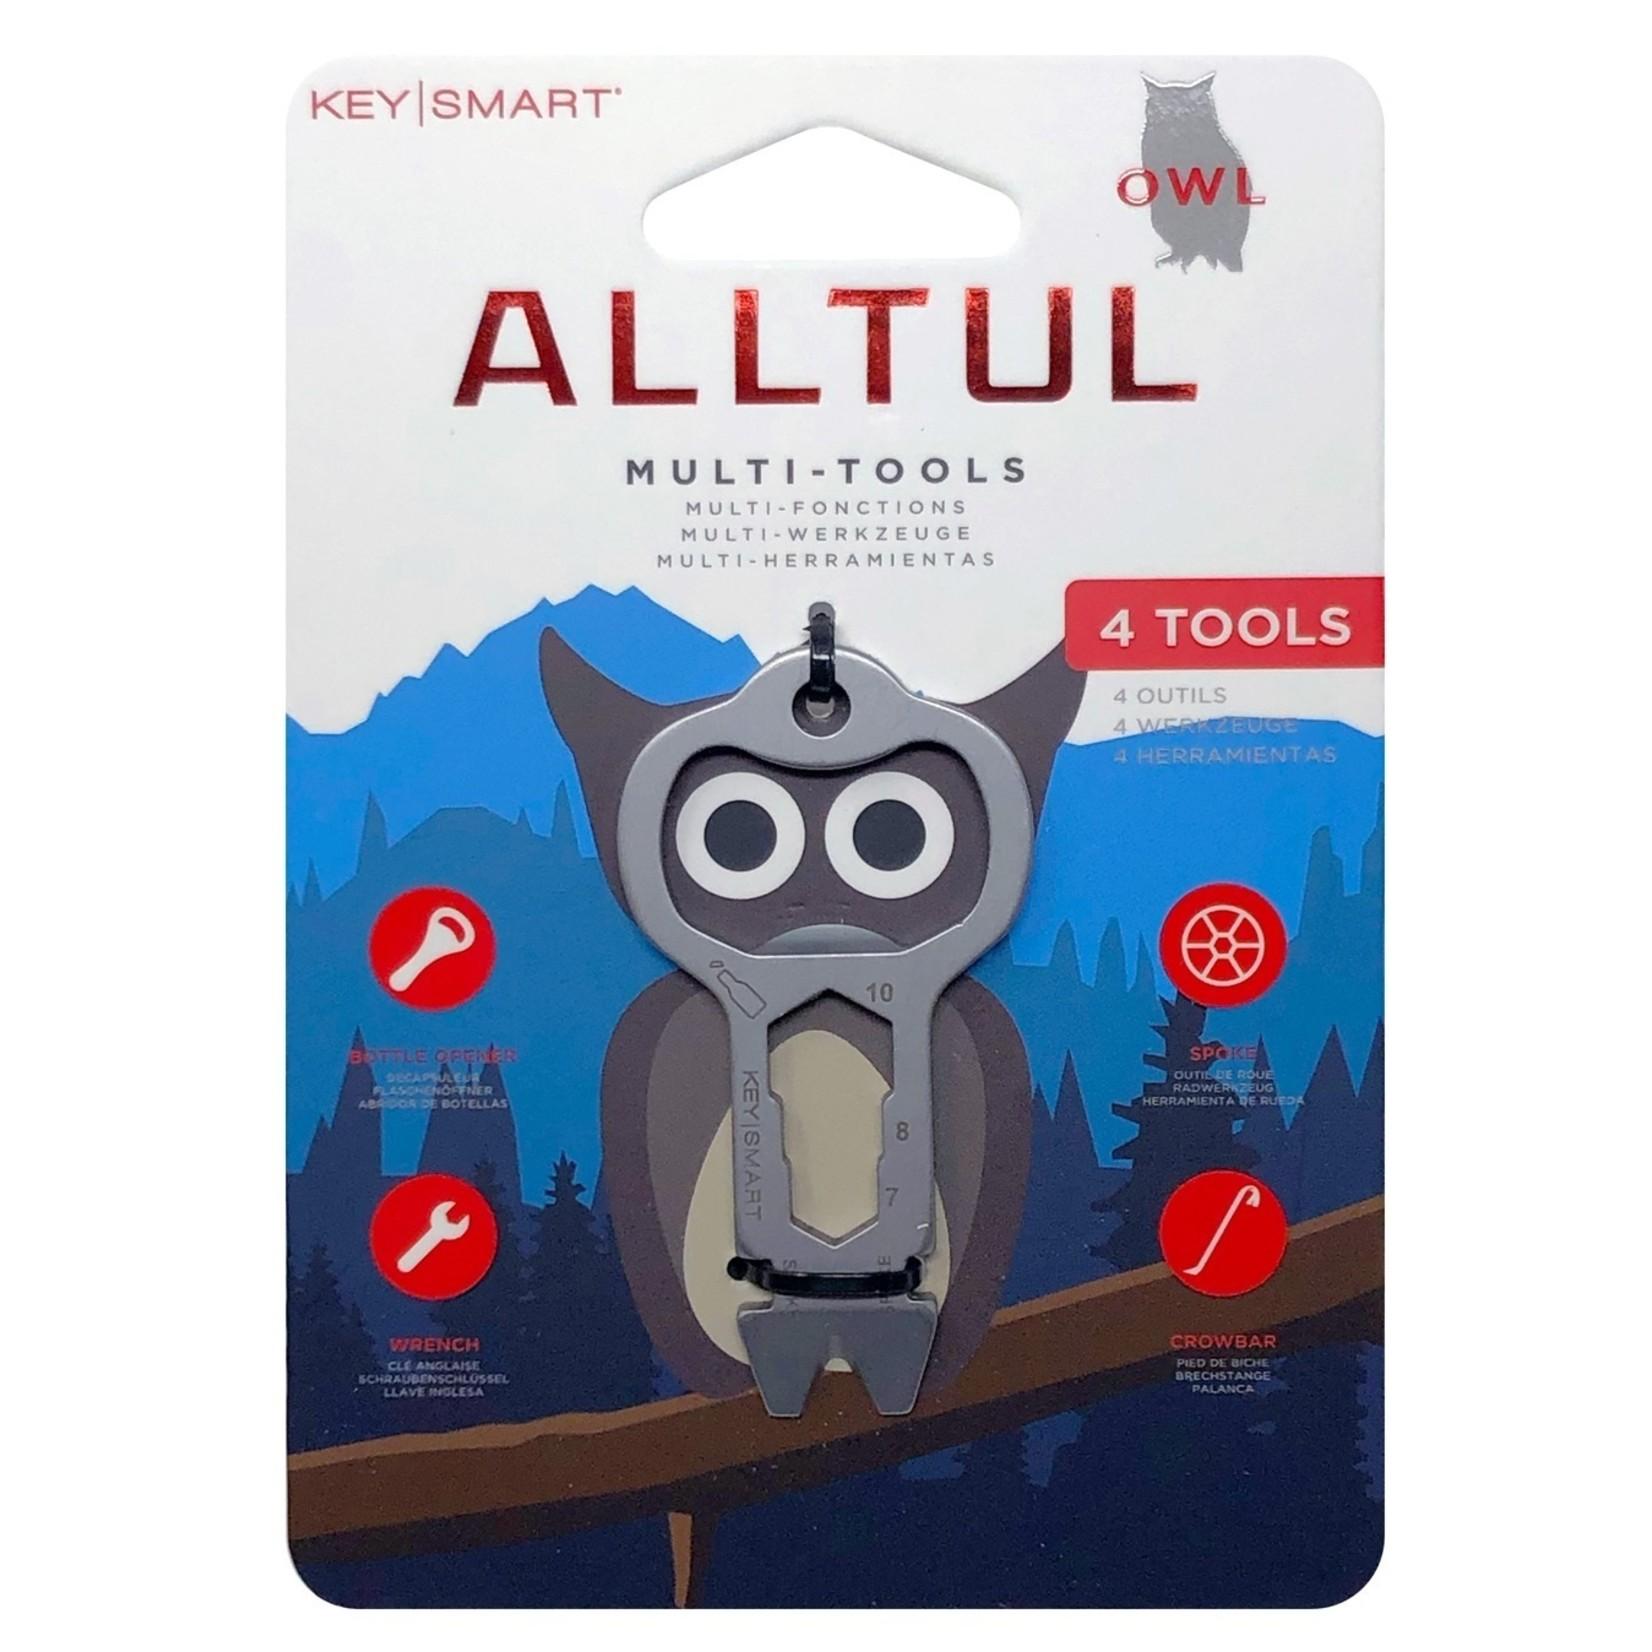 KeySmart KeySmart Alltul multitool Owl